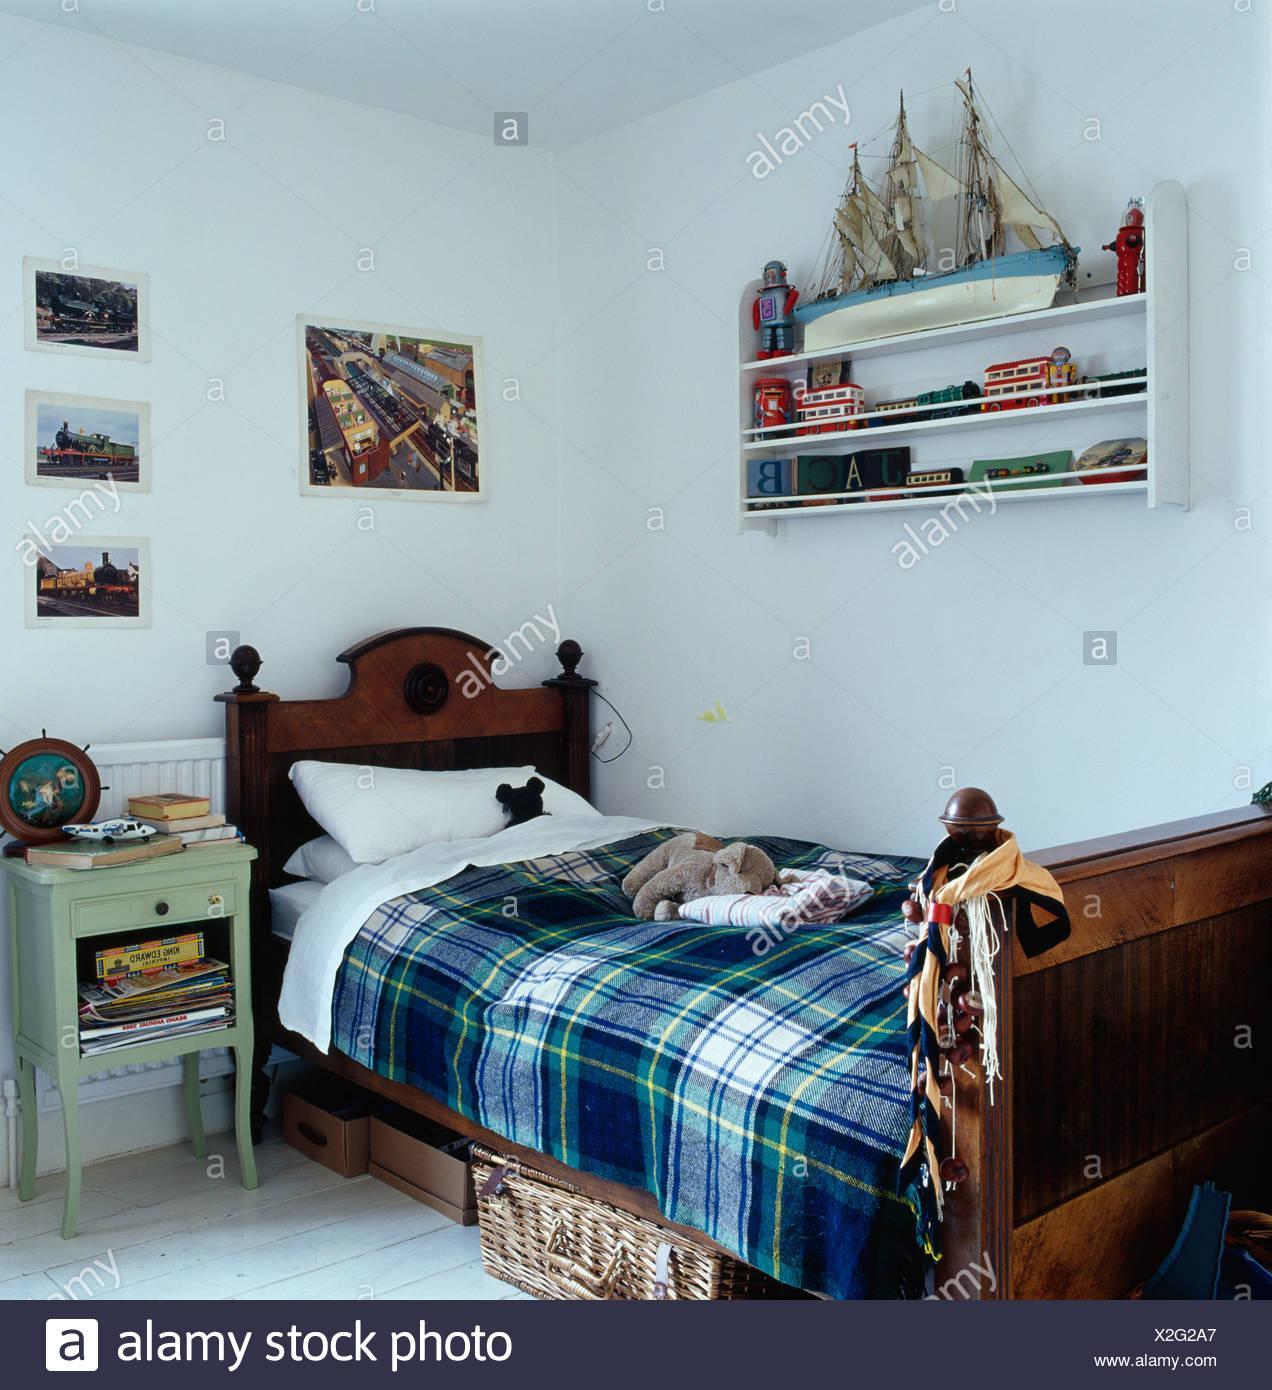 https www alamyimages fr tapis a carreaux bleu et blanc sur le linge de lit en bois ancien enfant en chambre blanche avec modele reduit de navire sur la petite etagere murale image276948287 html